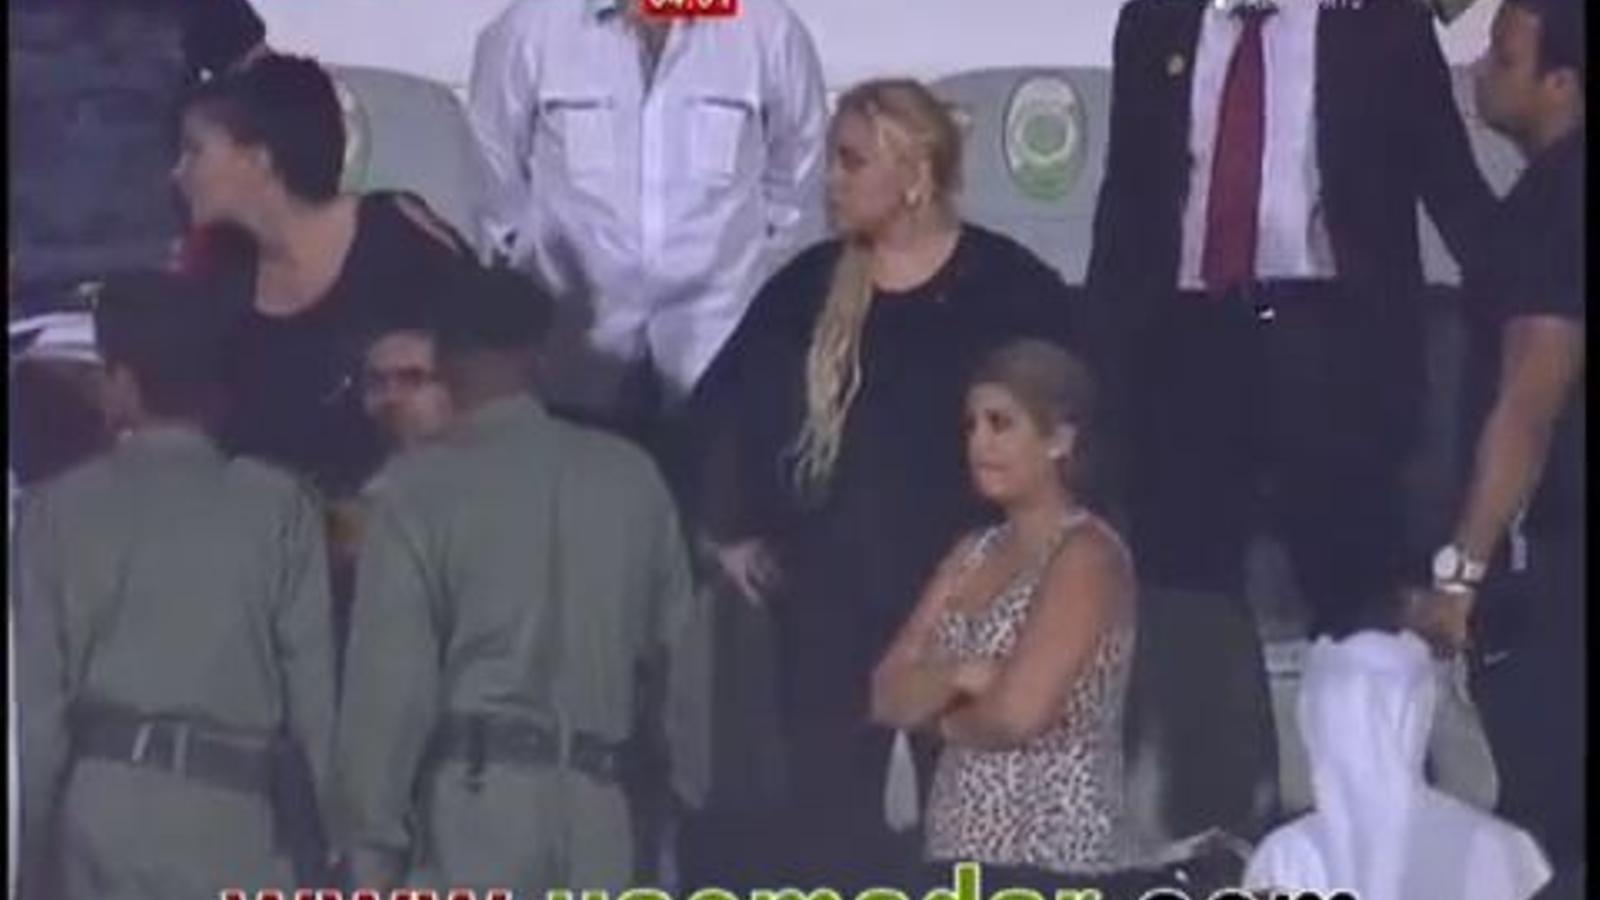 Maradona puja a la graderia durant un partit per defensar la seva dona d'uns aficionats